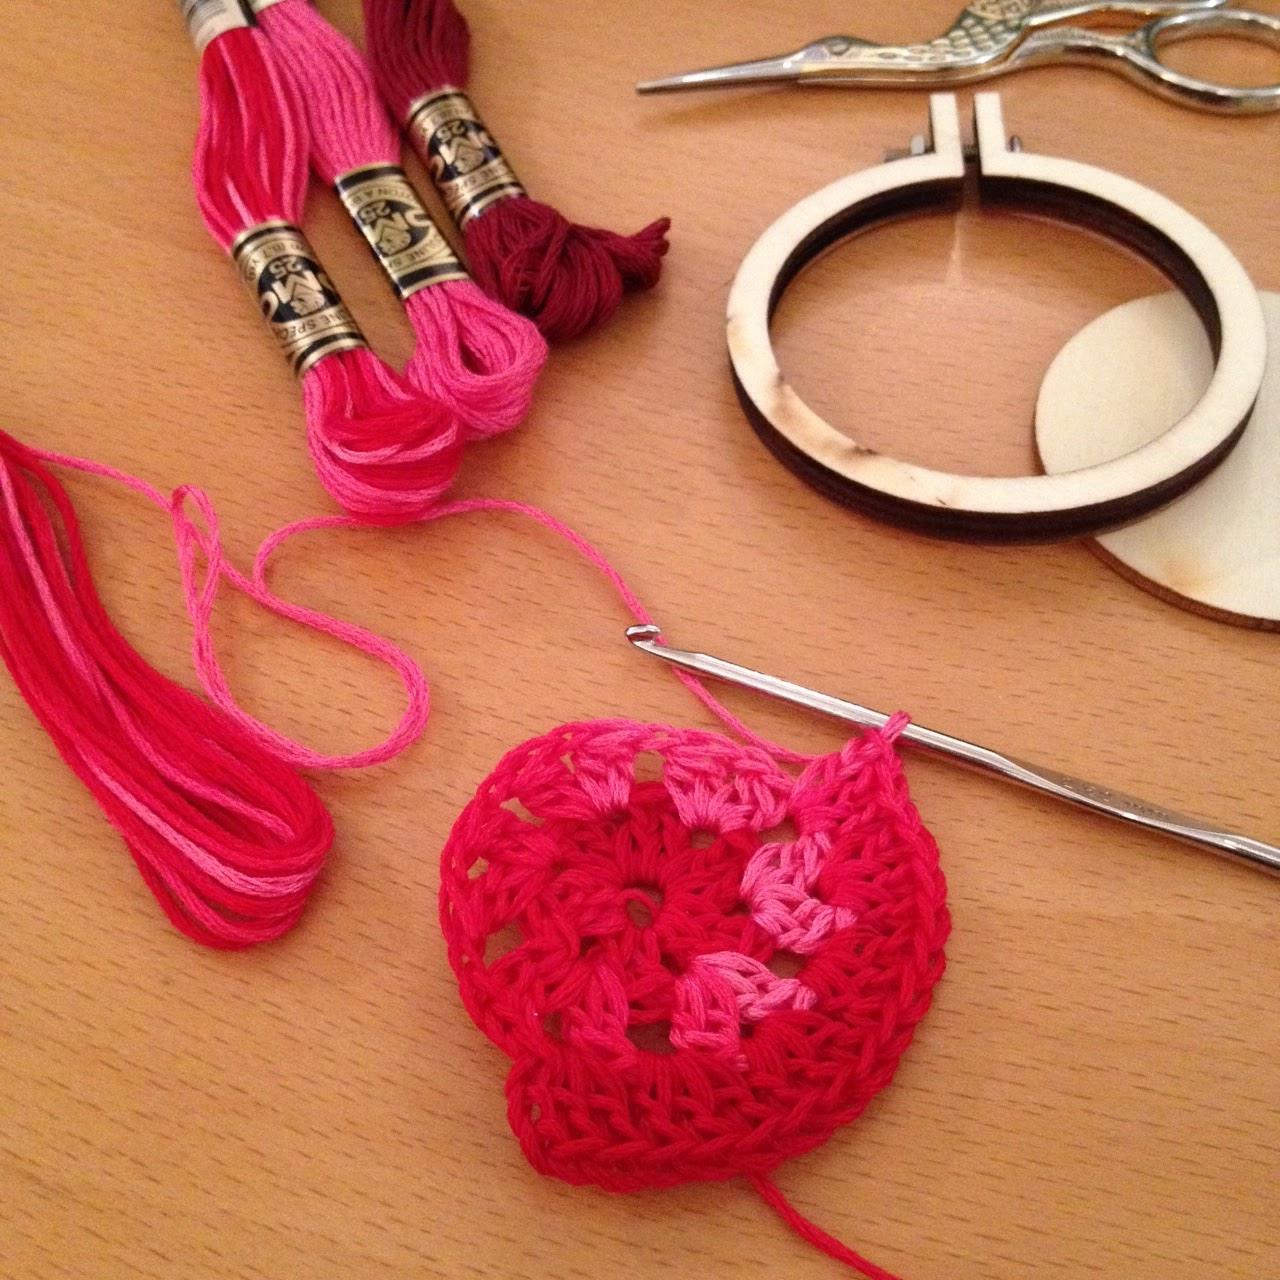 el resultado nos ha encantado y nos ha demostrado que el hilo moulin es genial tambin para hacer detalles de ganchillo